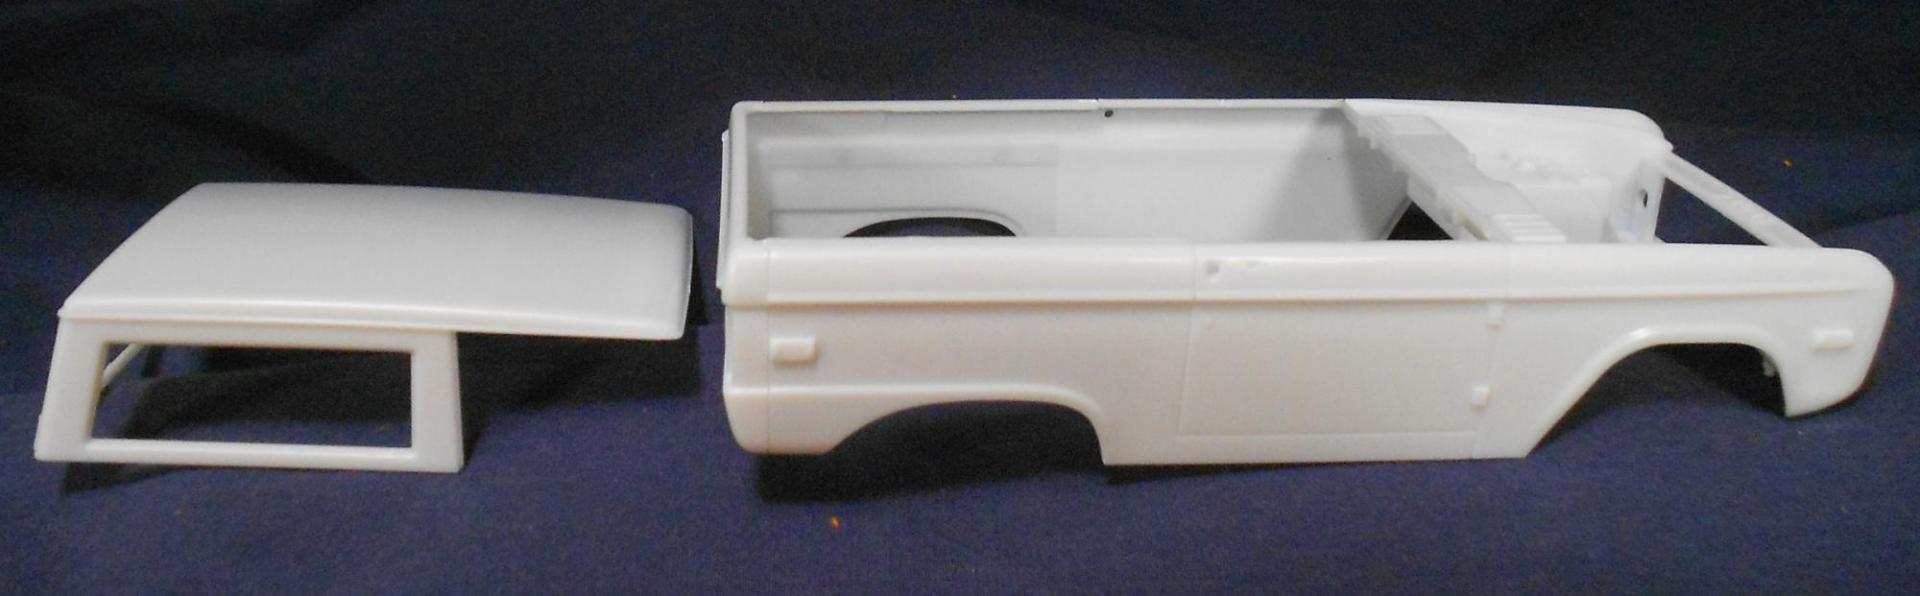 DSCN9407.JPG